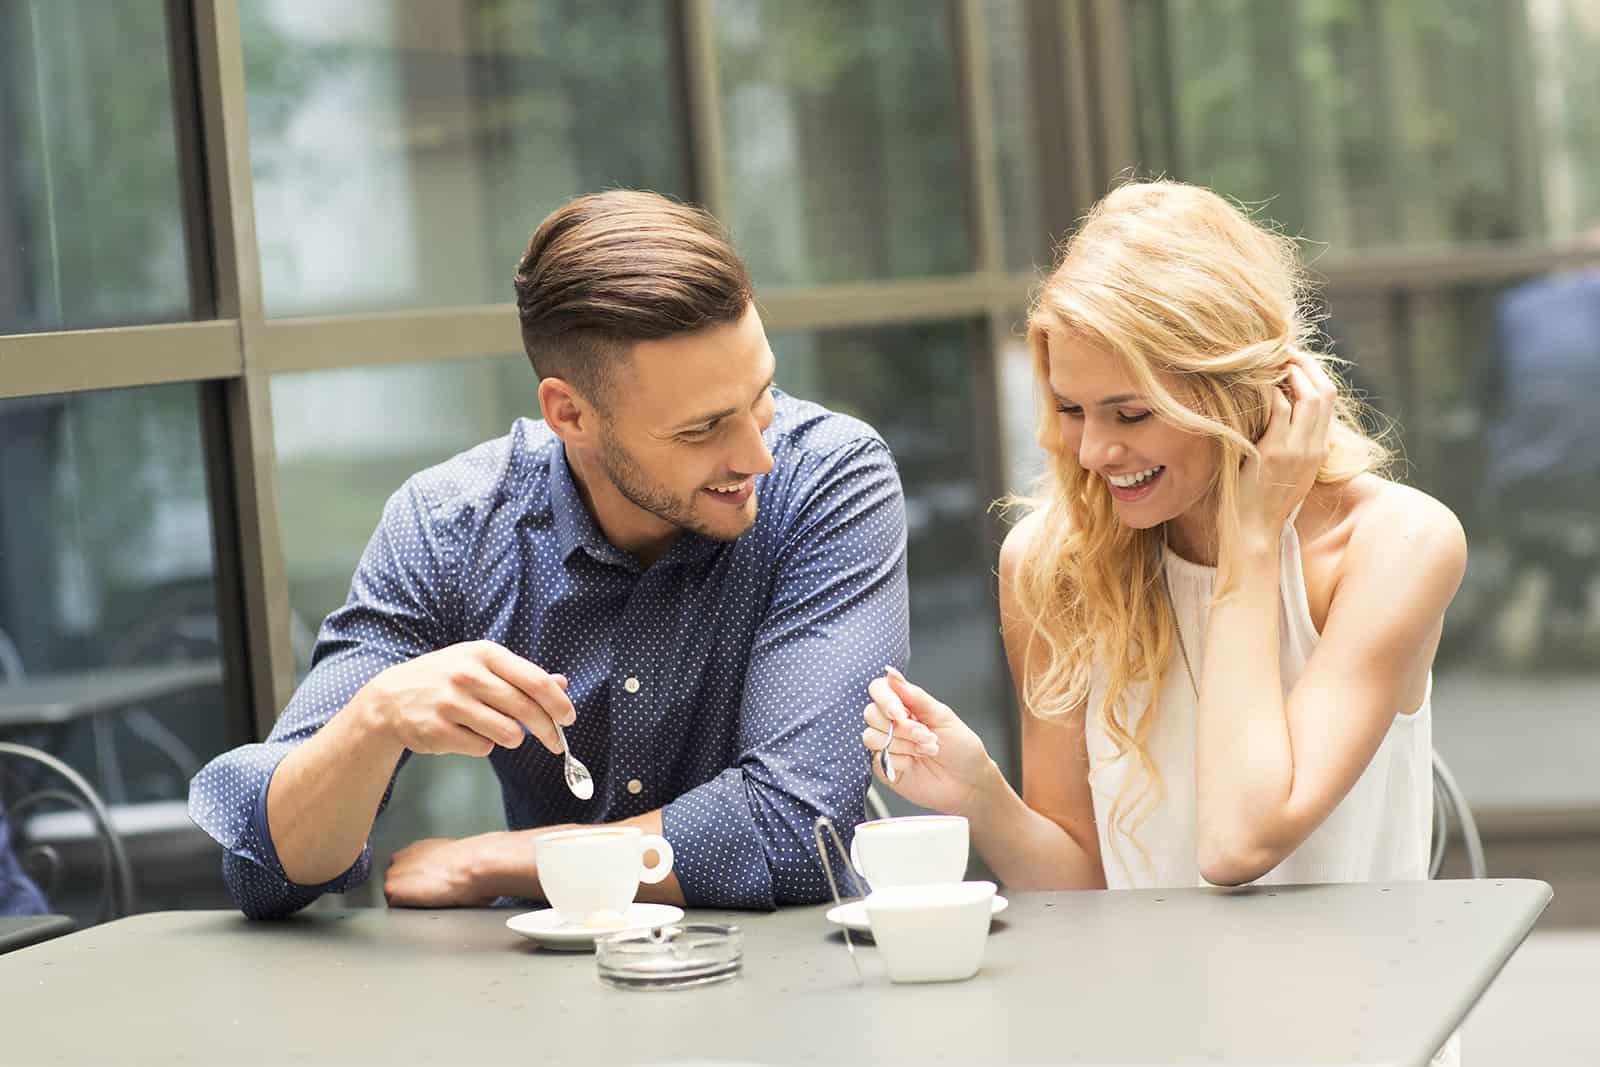 Frauen beruhren flirten